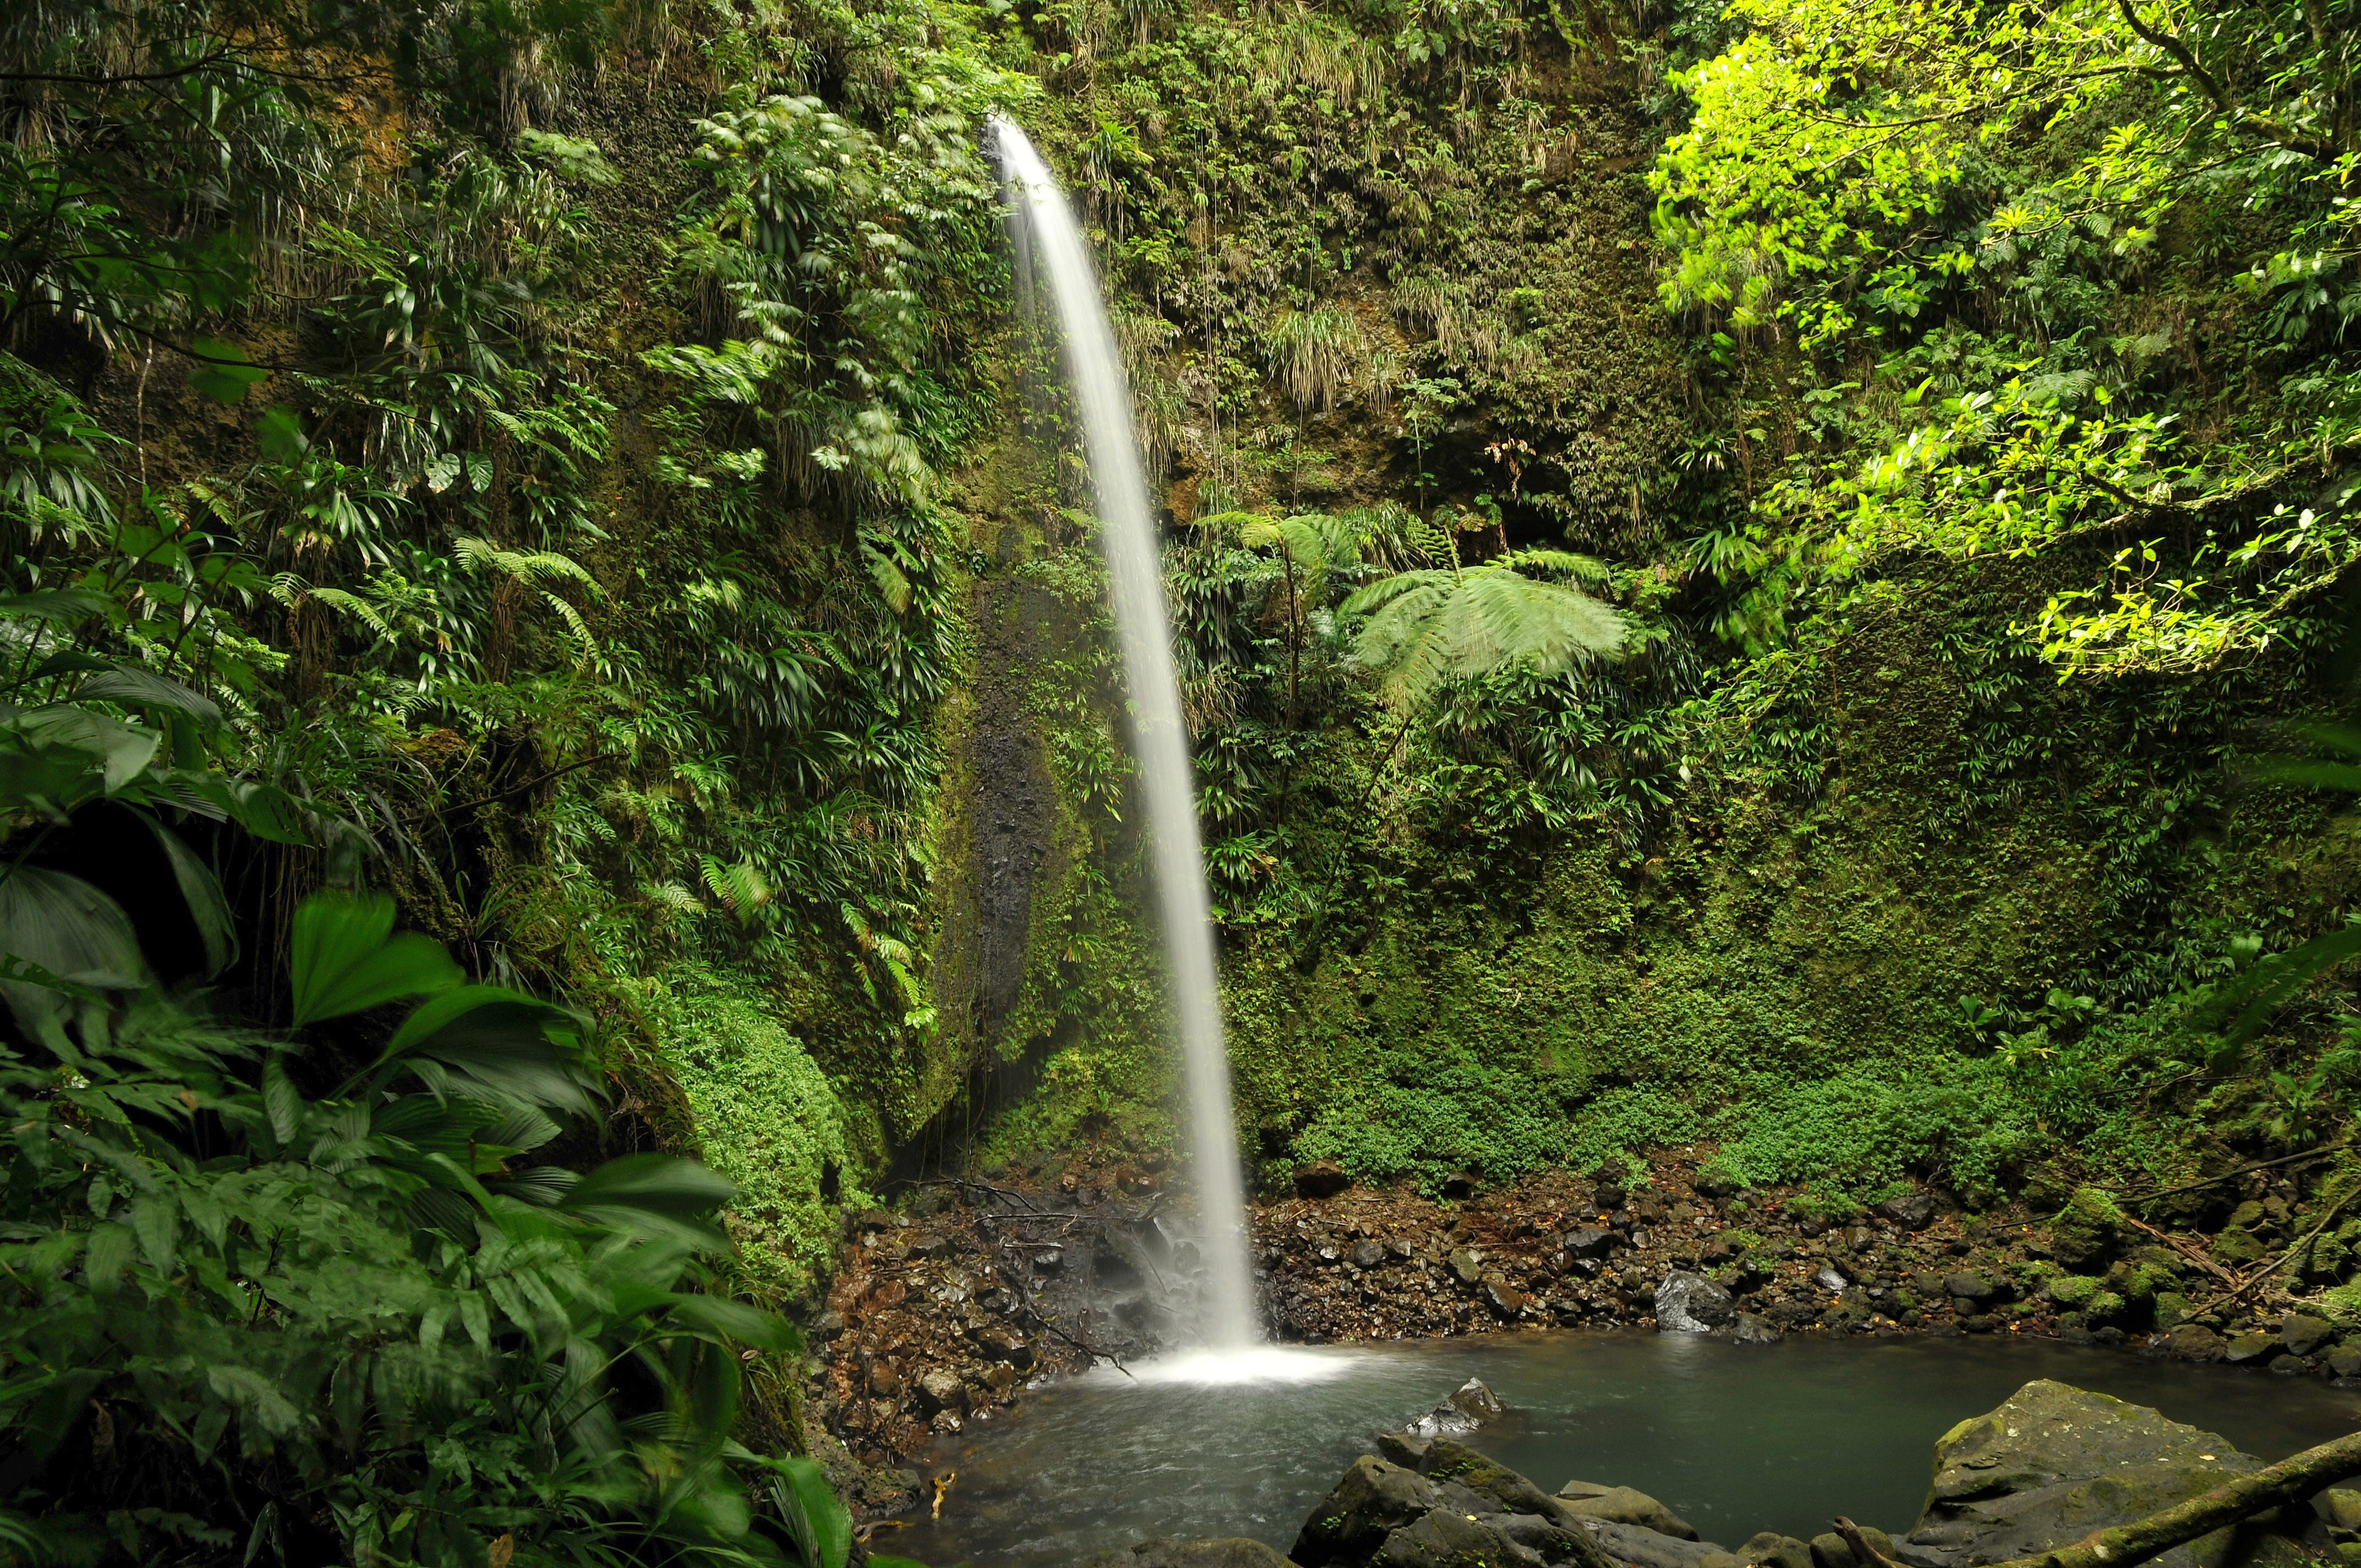 Dominica - Spanny Falls II